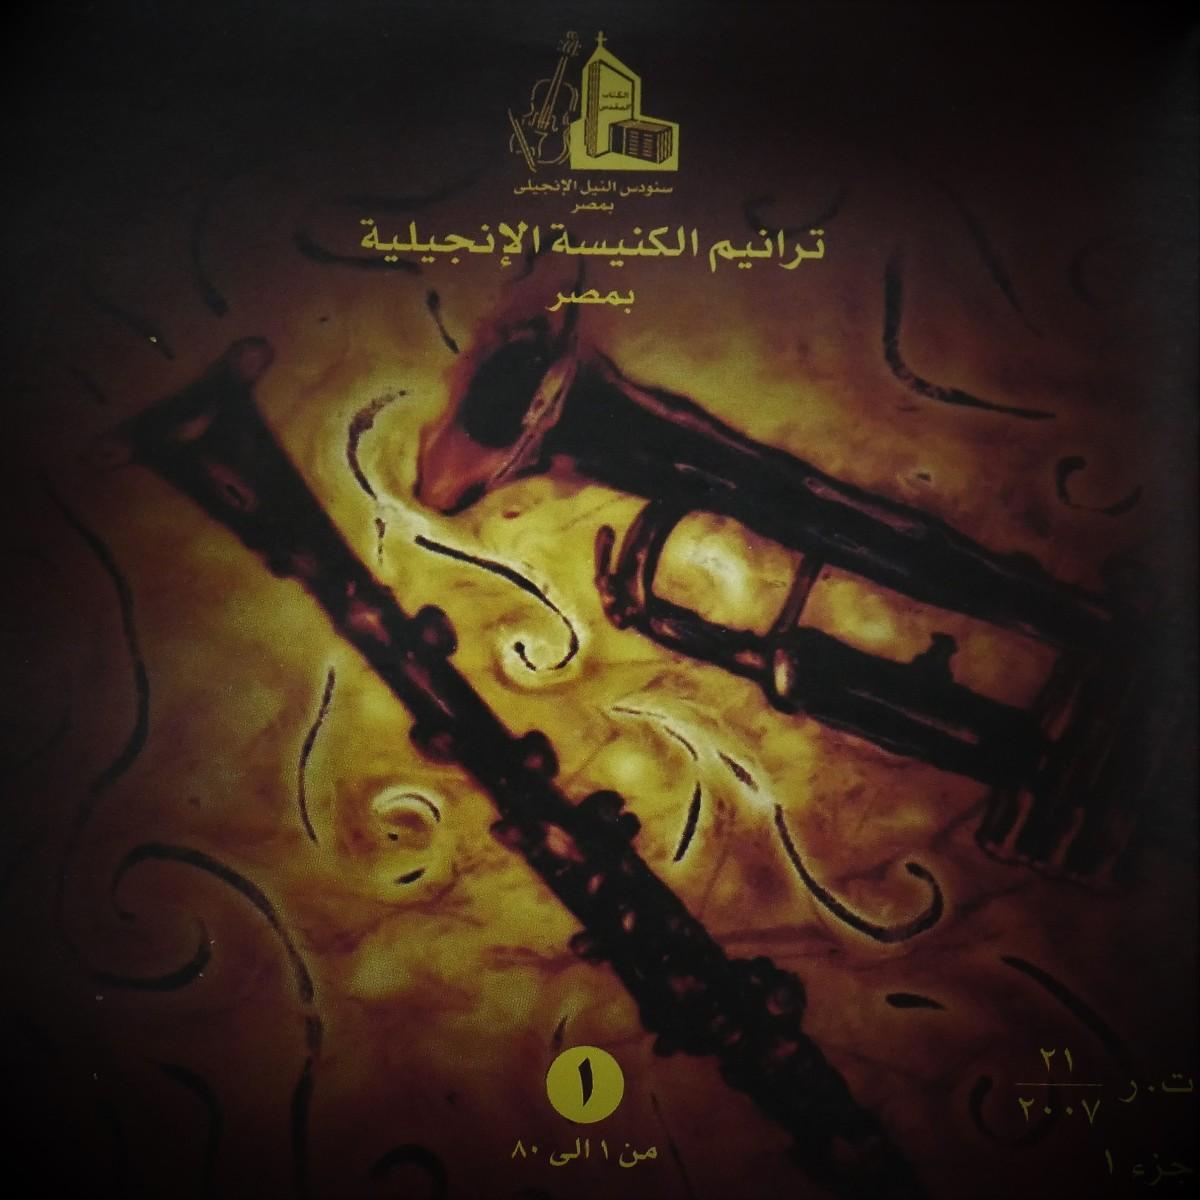 Hoe klinken de psalmen in het Arabisch?